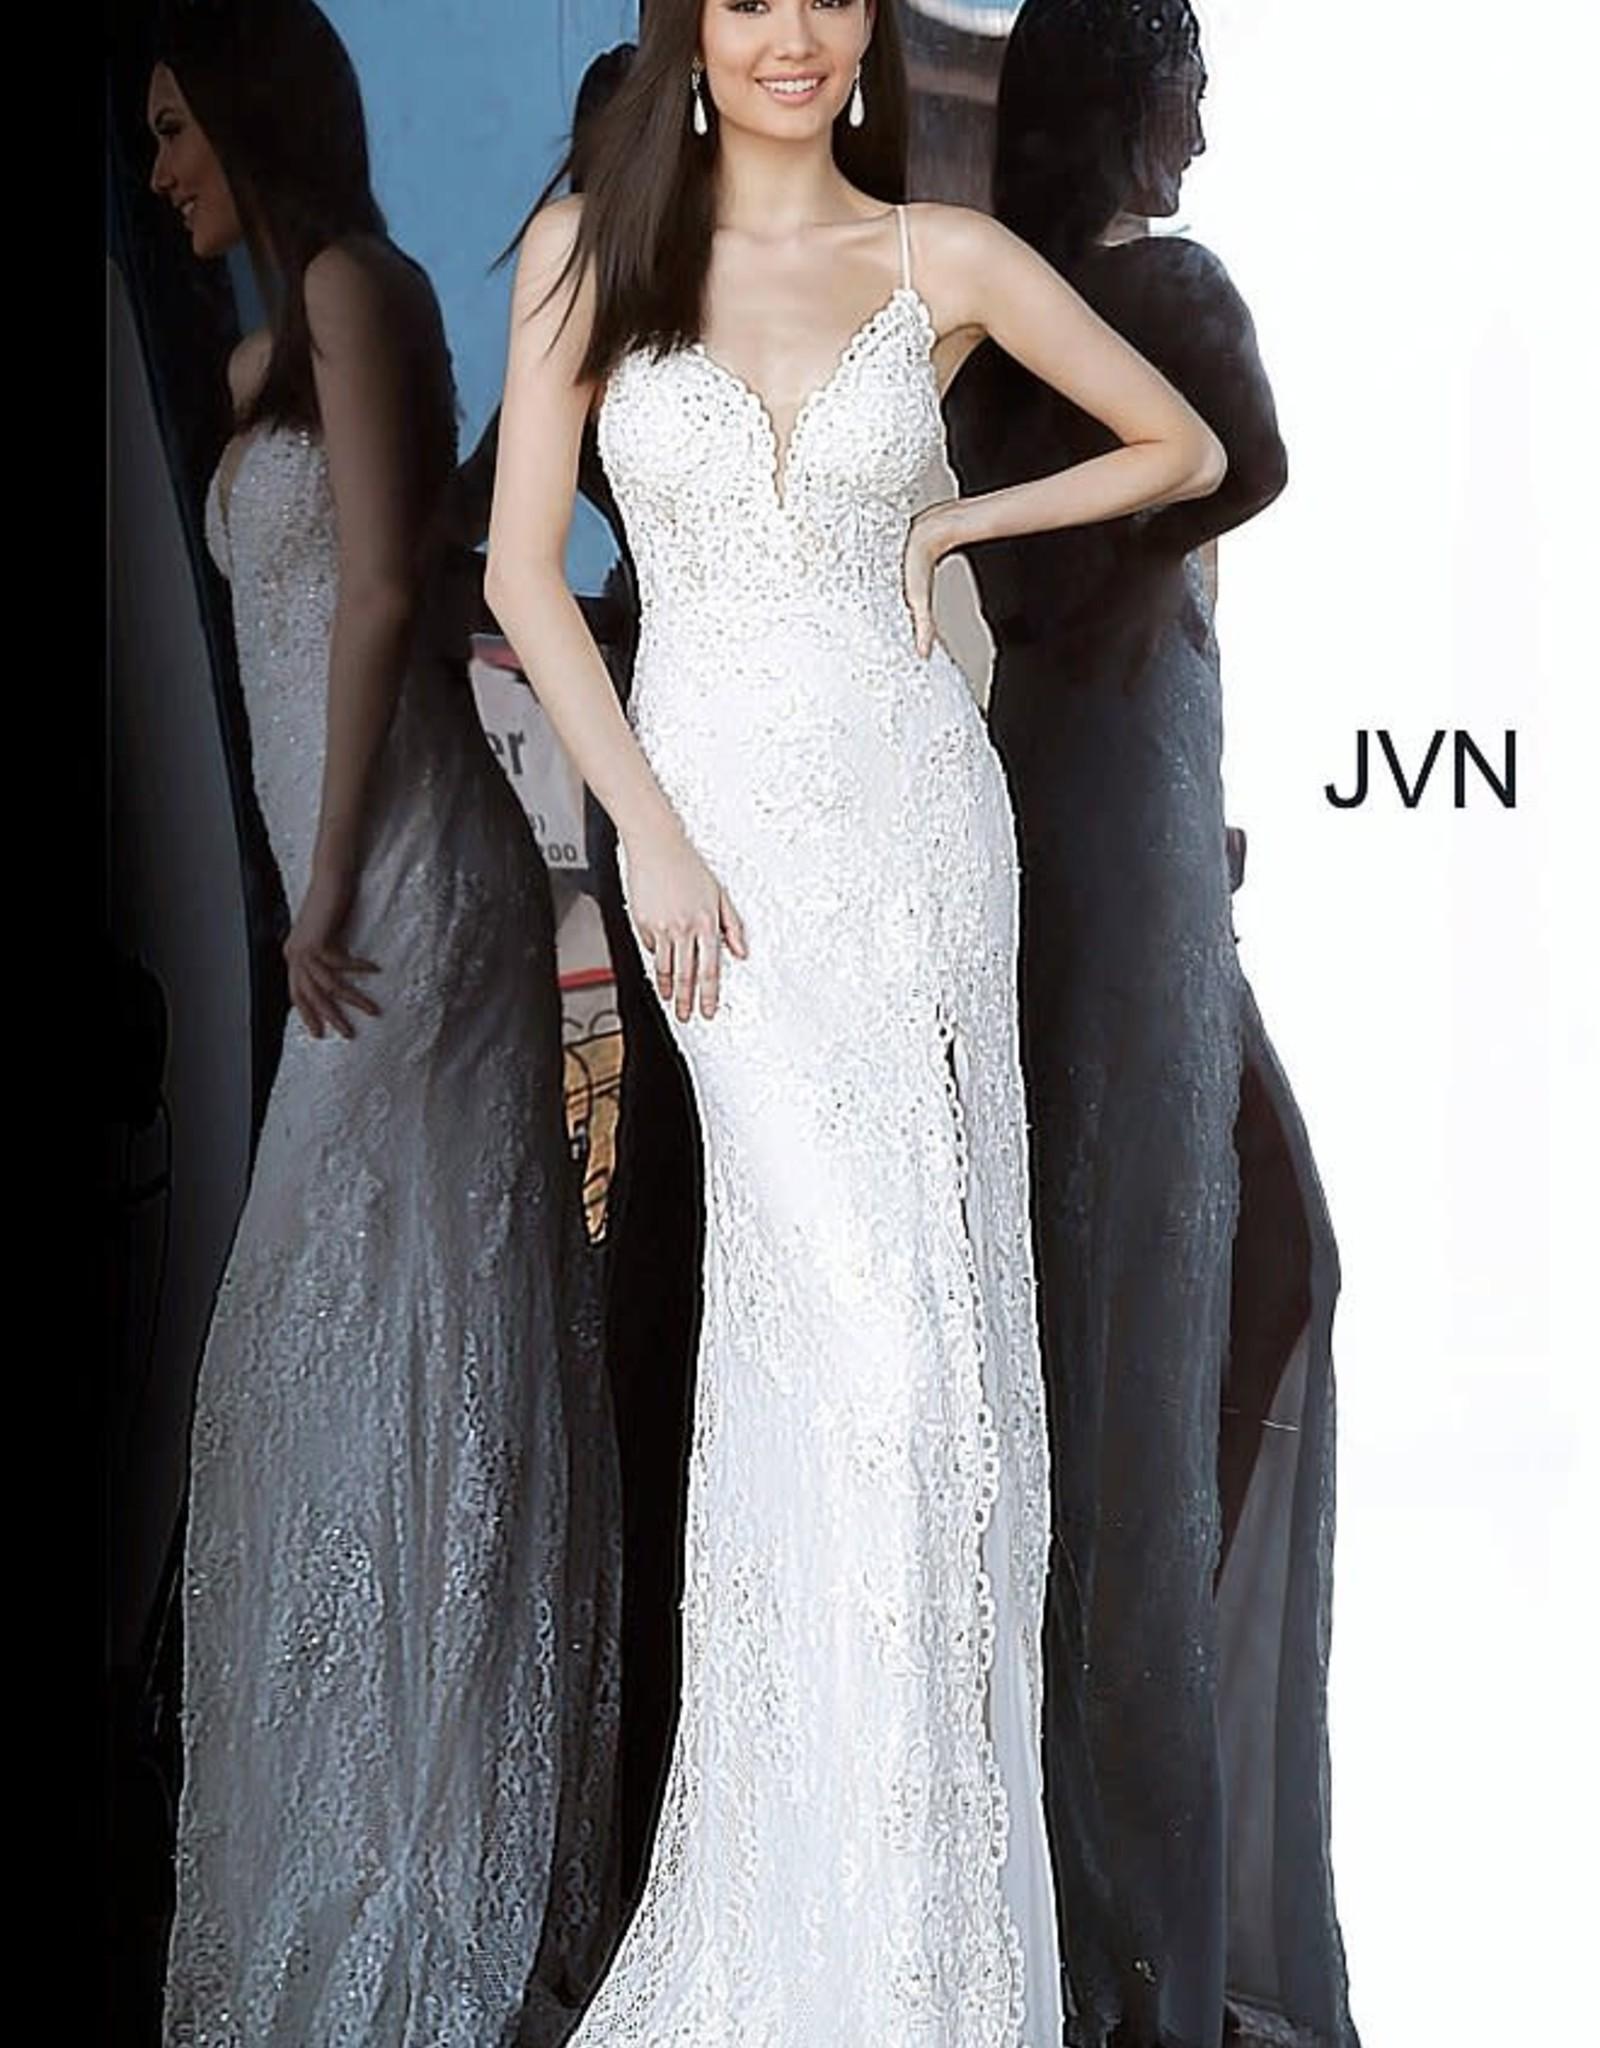 JVN for Jovani JVN00864 IVORY 6